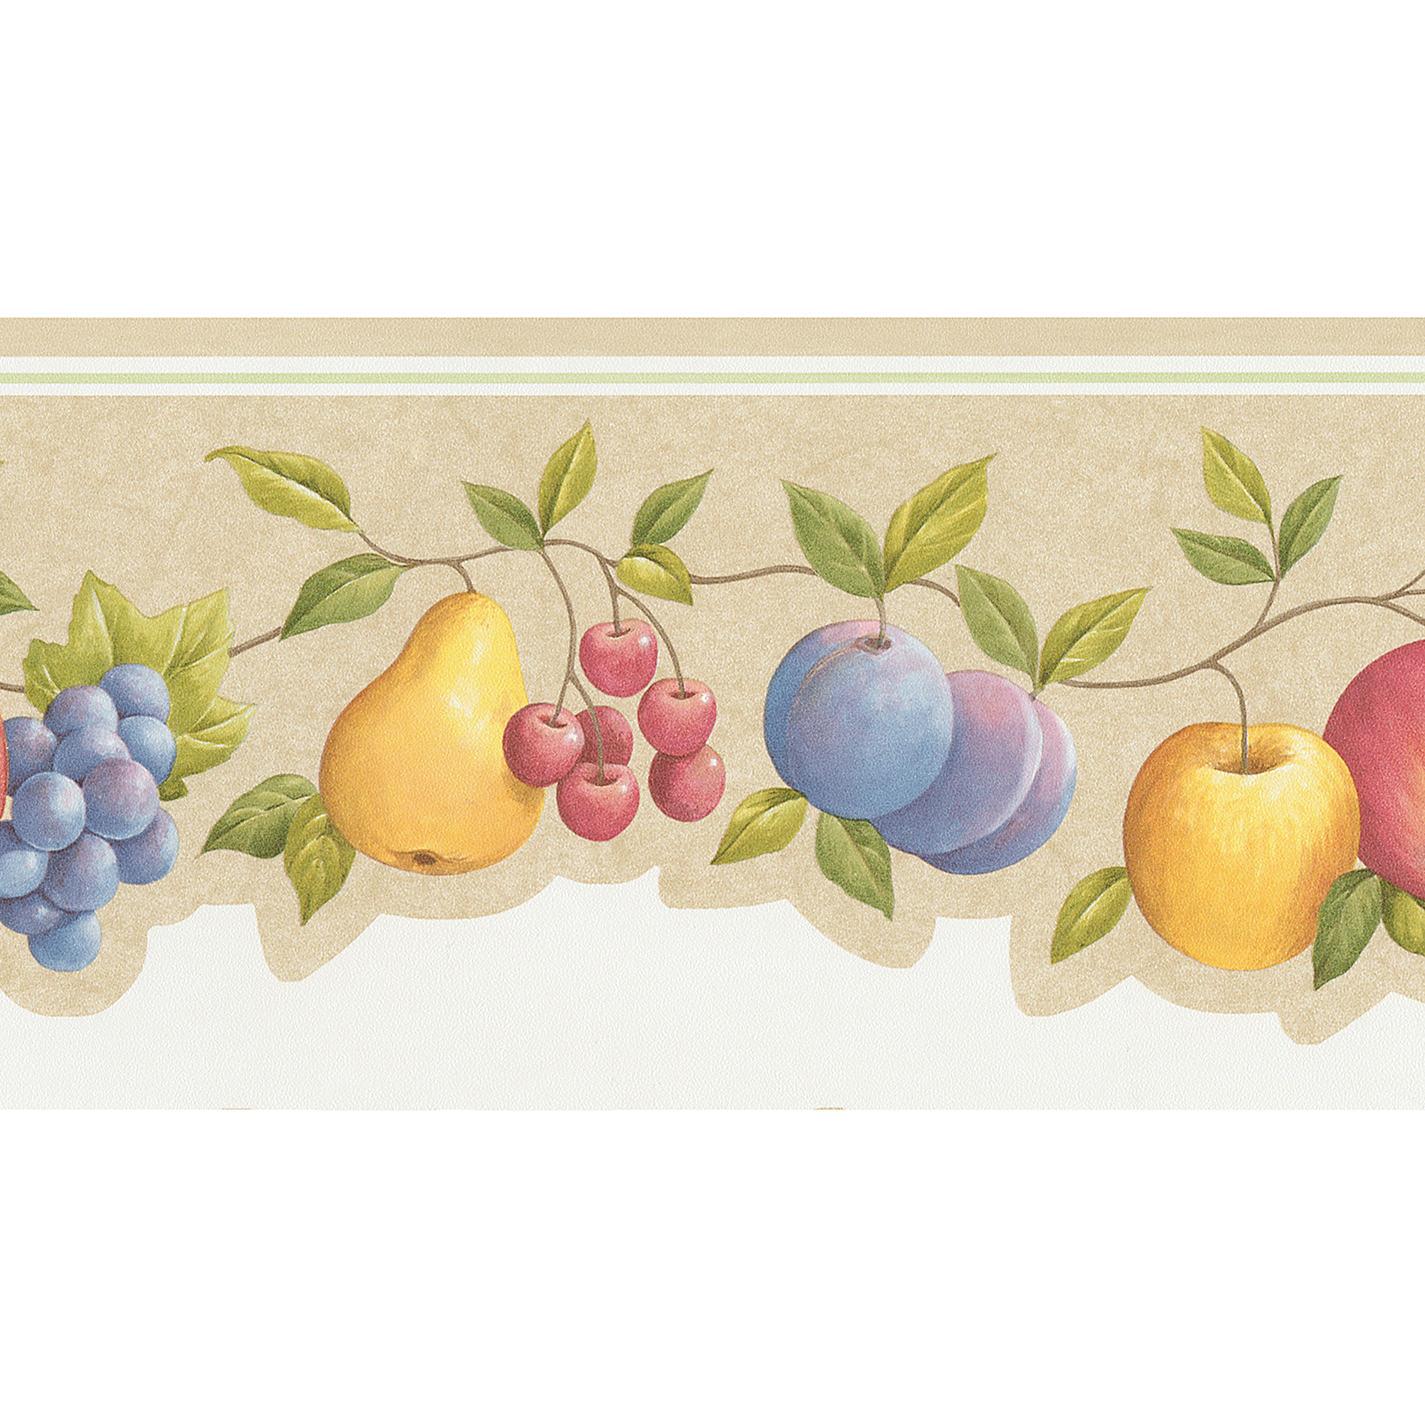 Fruit Wallpaper For Kitchen Buy Galerie Vine Fruit Kitchen 1425x1425